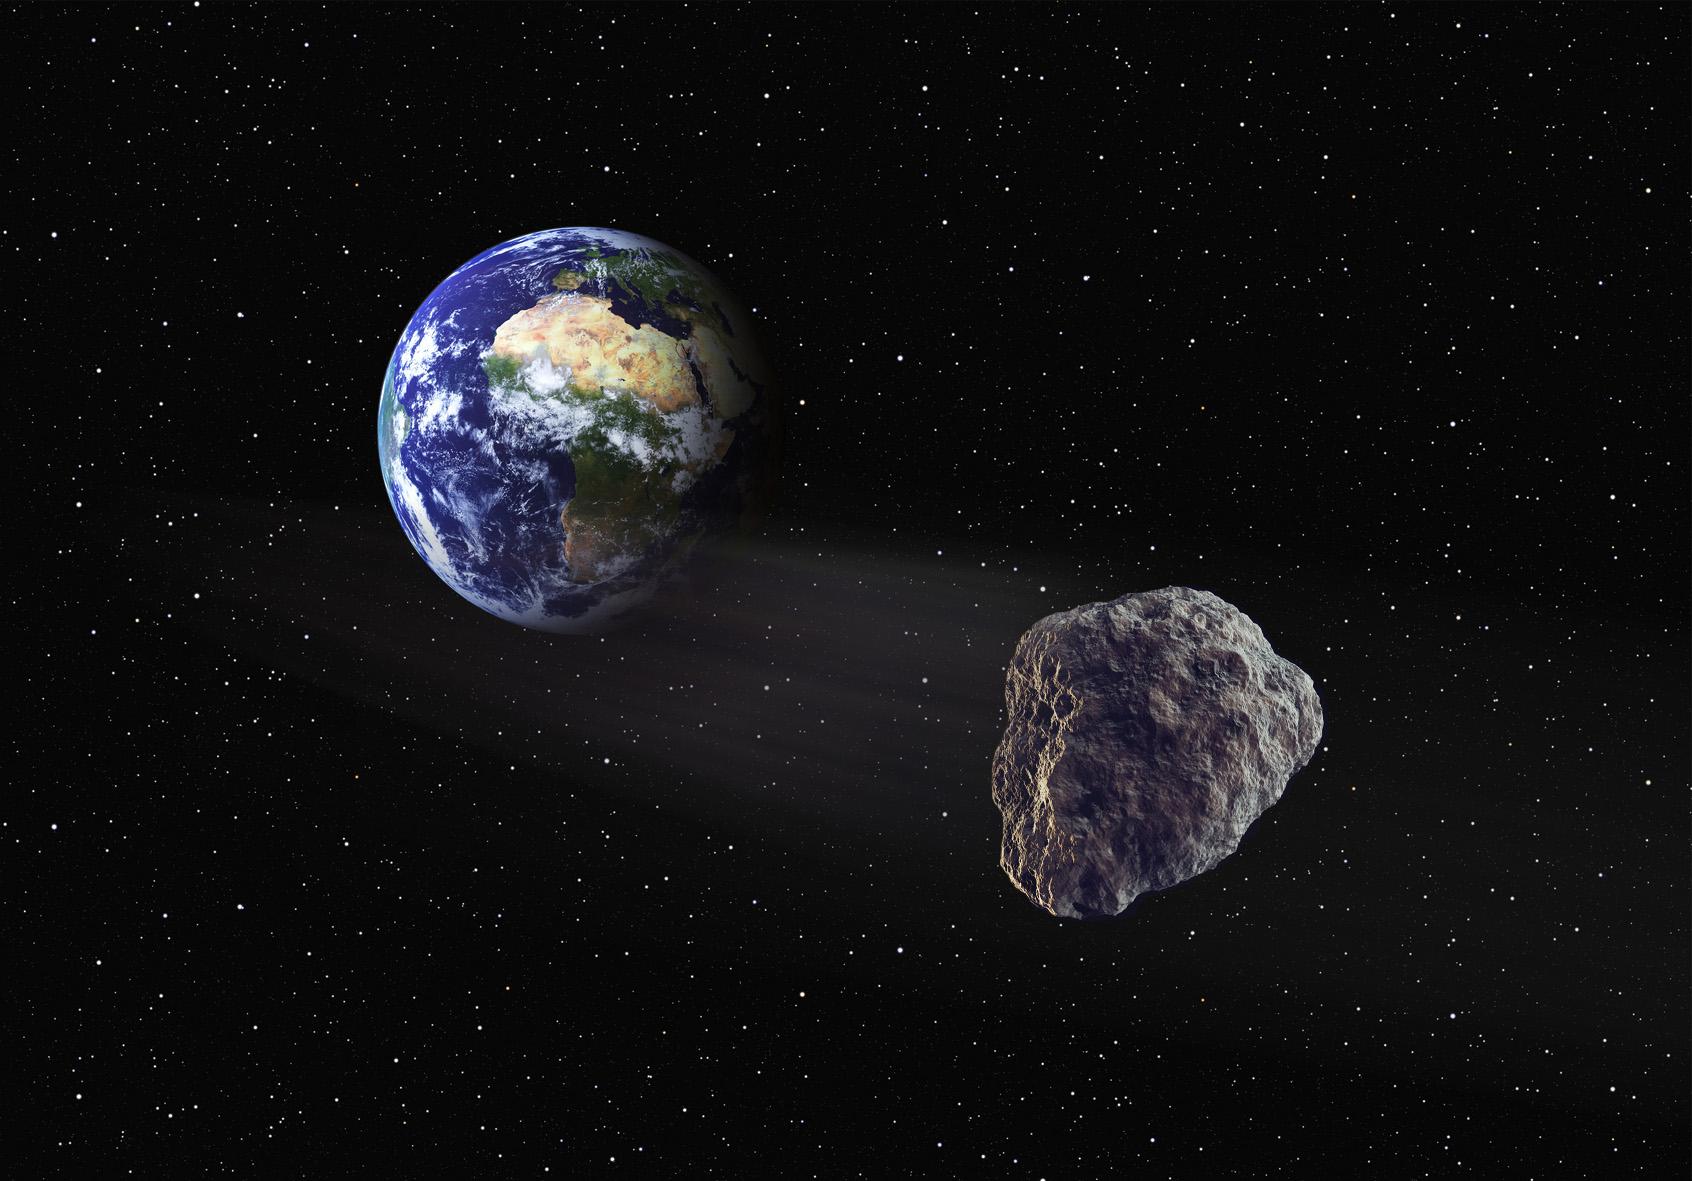 Hatalmas aszteroidák félelmetes titkai derülnek ki